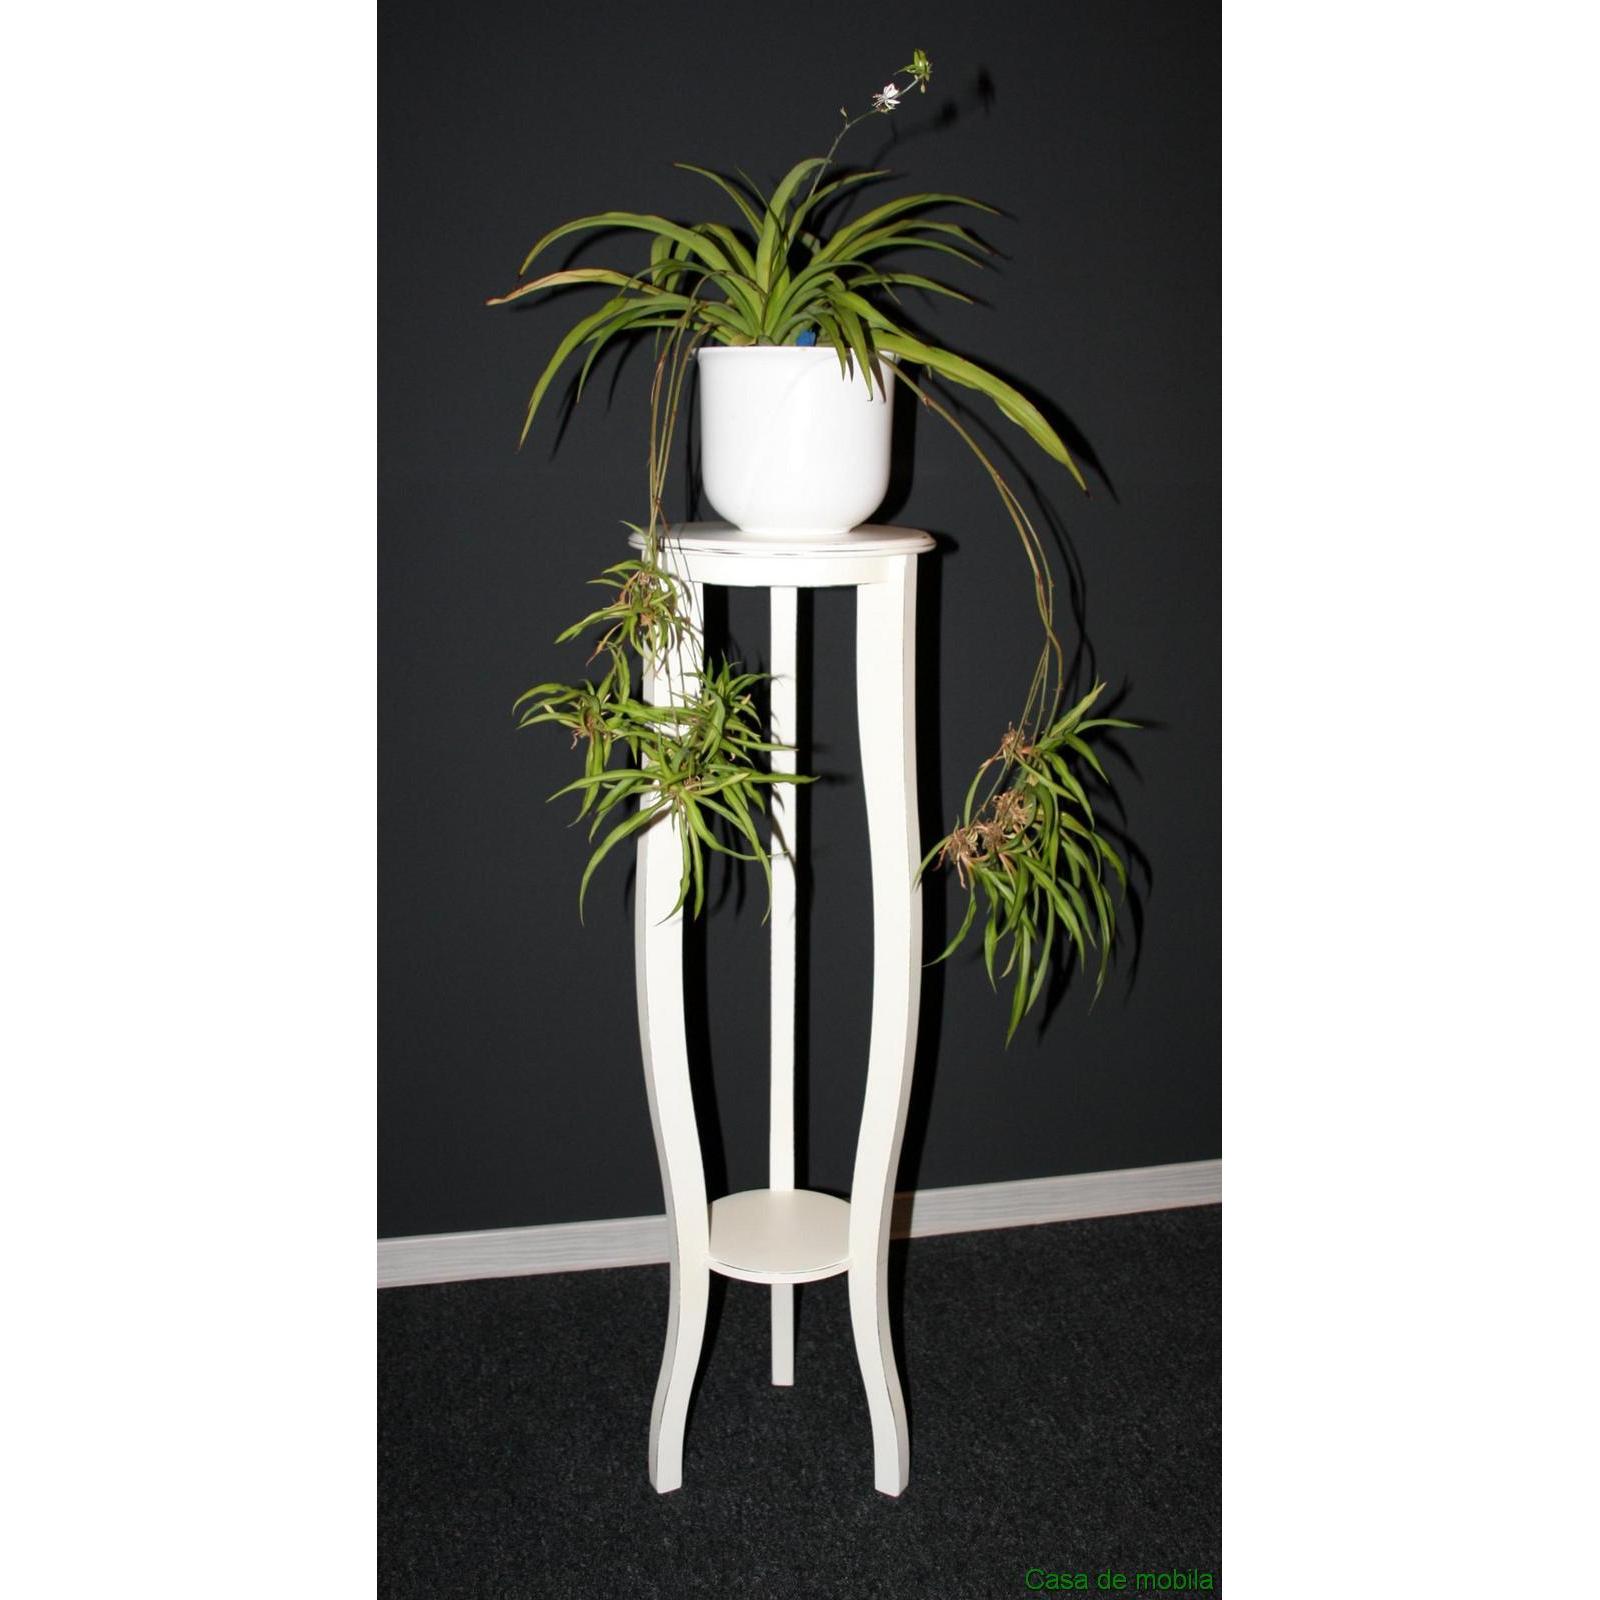 blumenst nder rund blumenhocker 100 cm wei antik lackiert bei casa de mobila. Black Bedroom Furniture Sets. Home Design Ideas